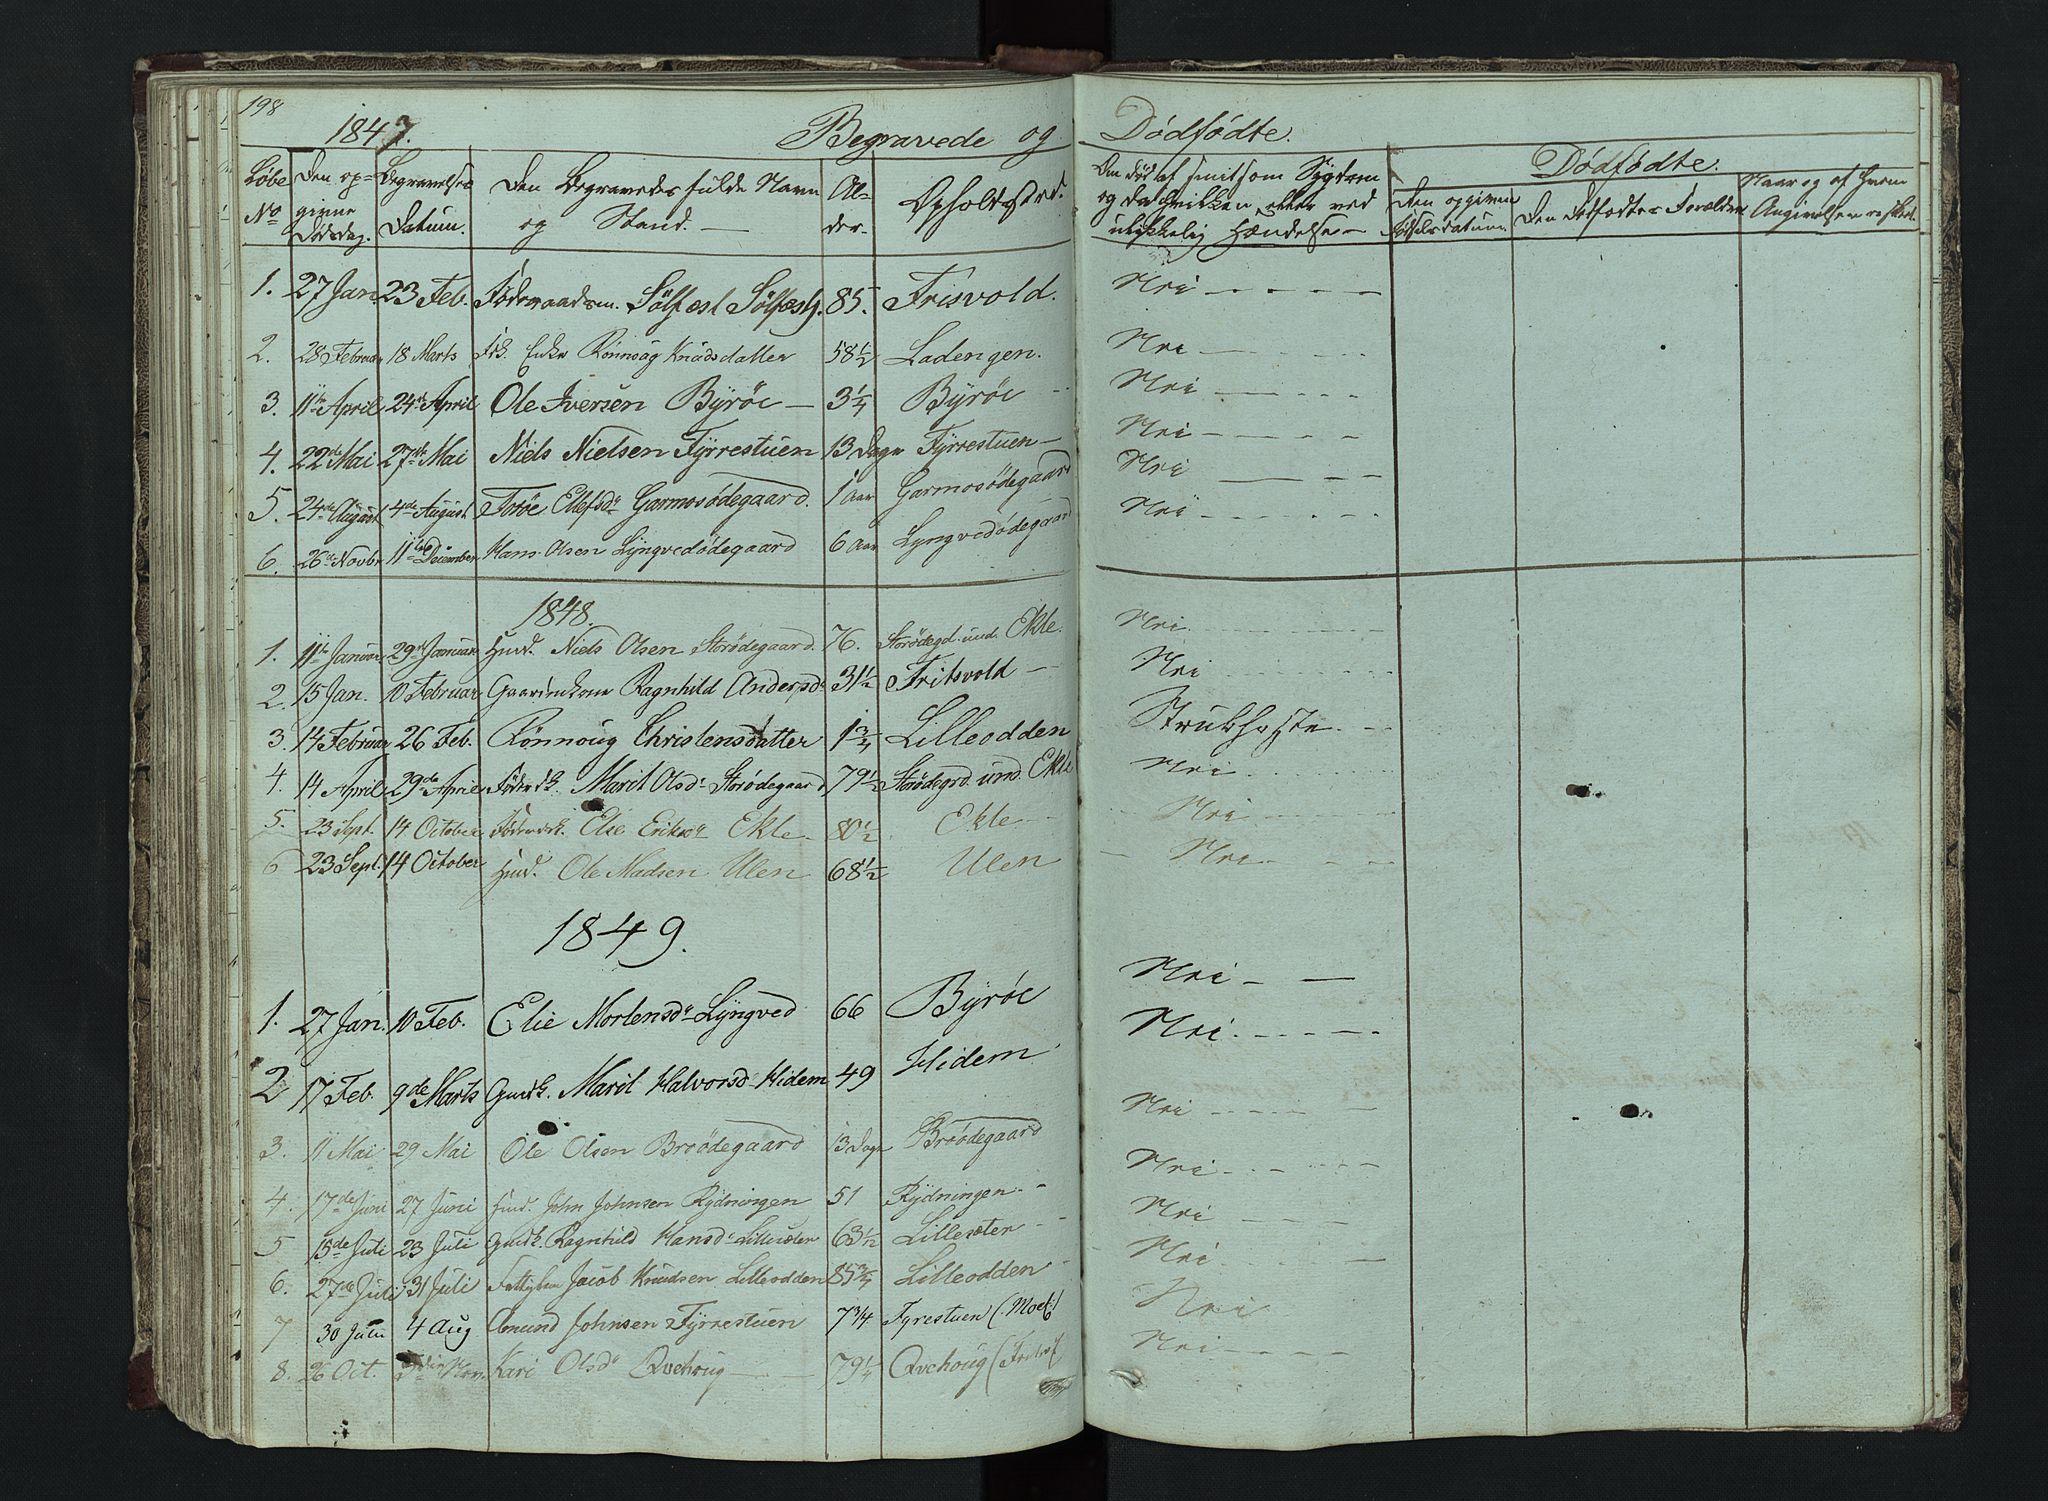 SAH, Lom prestekontor, L/L0014: Klokkerbok nr. 14, 1845-1876, s. 198-199